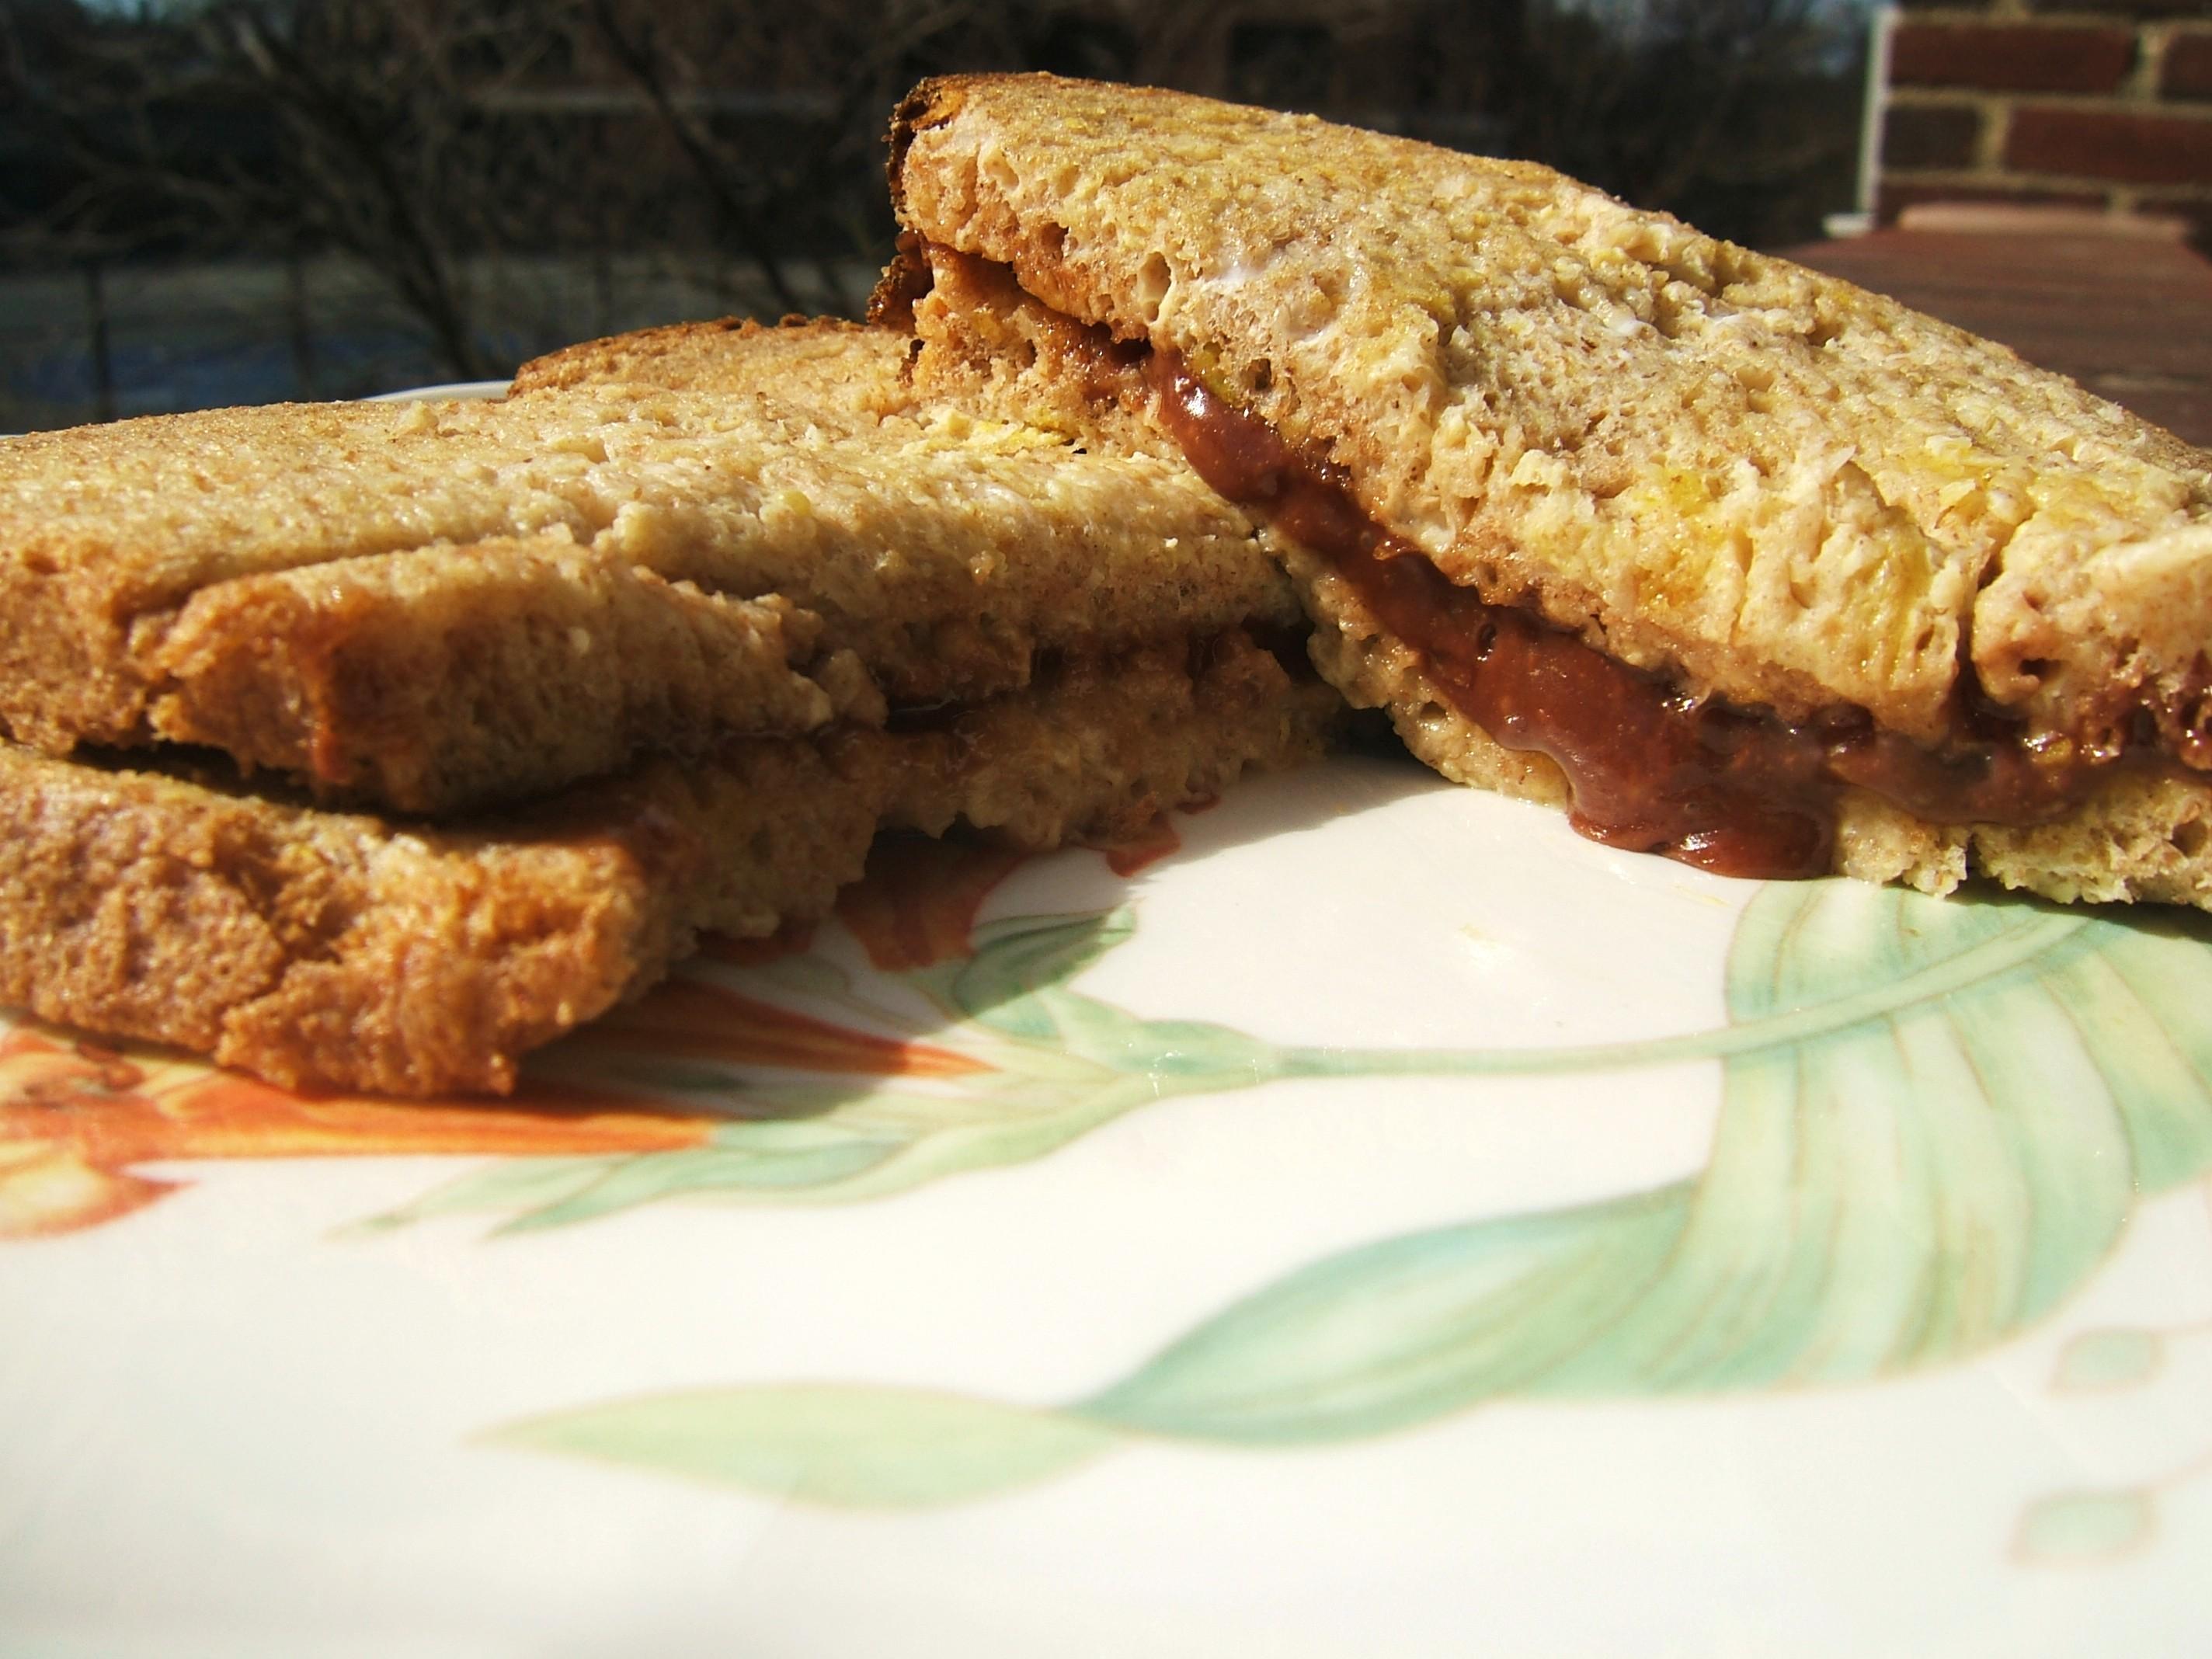 2012-03-30-bread2.jpg